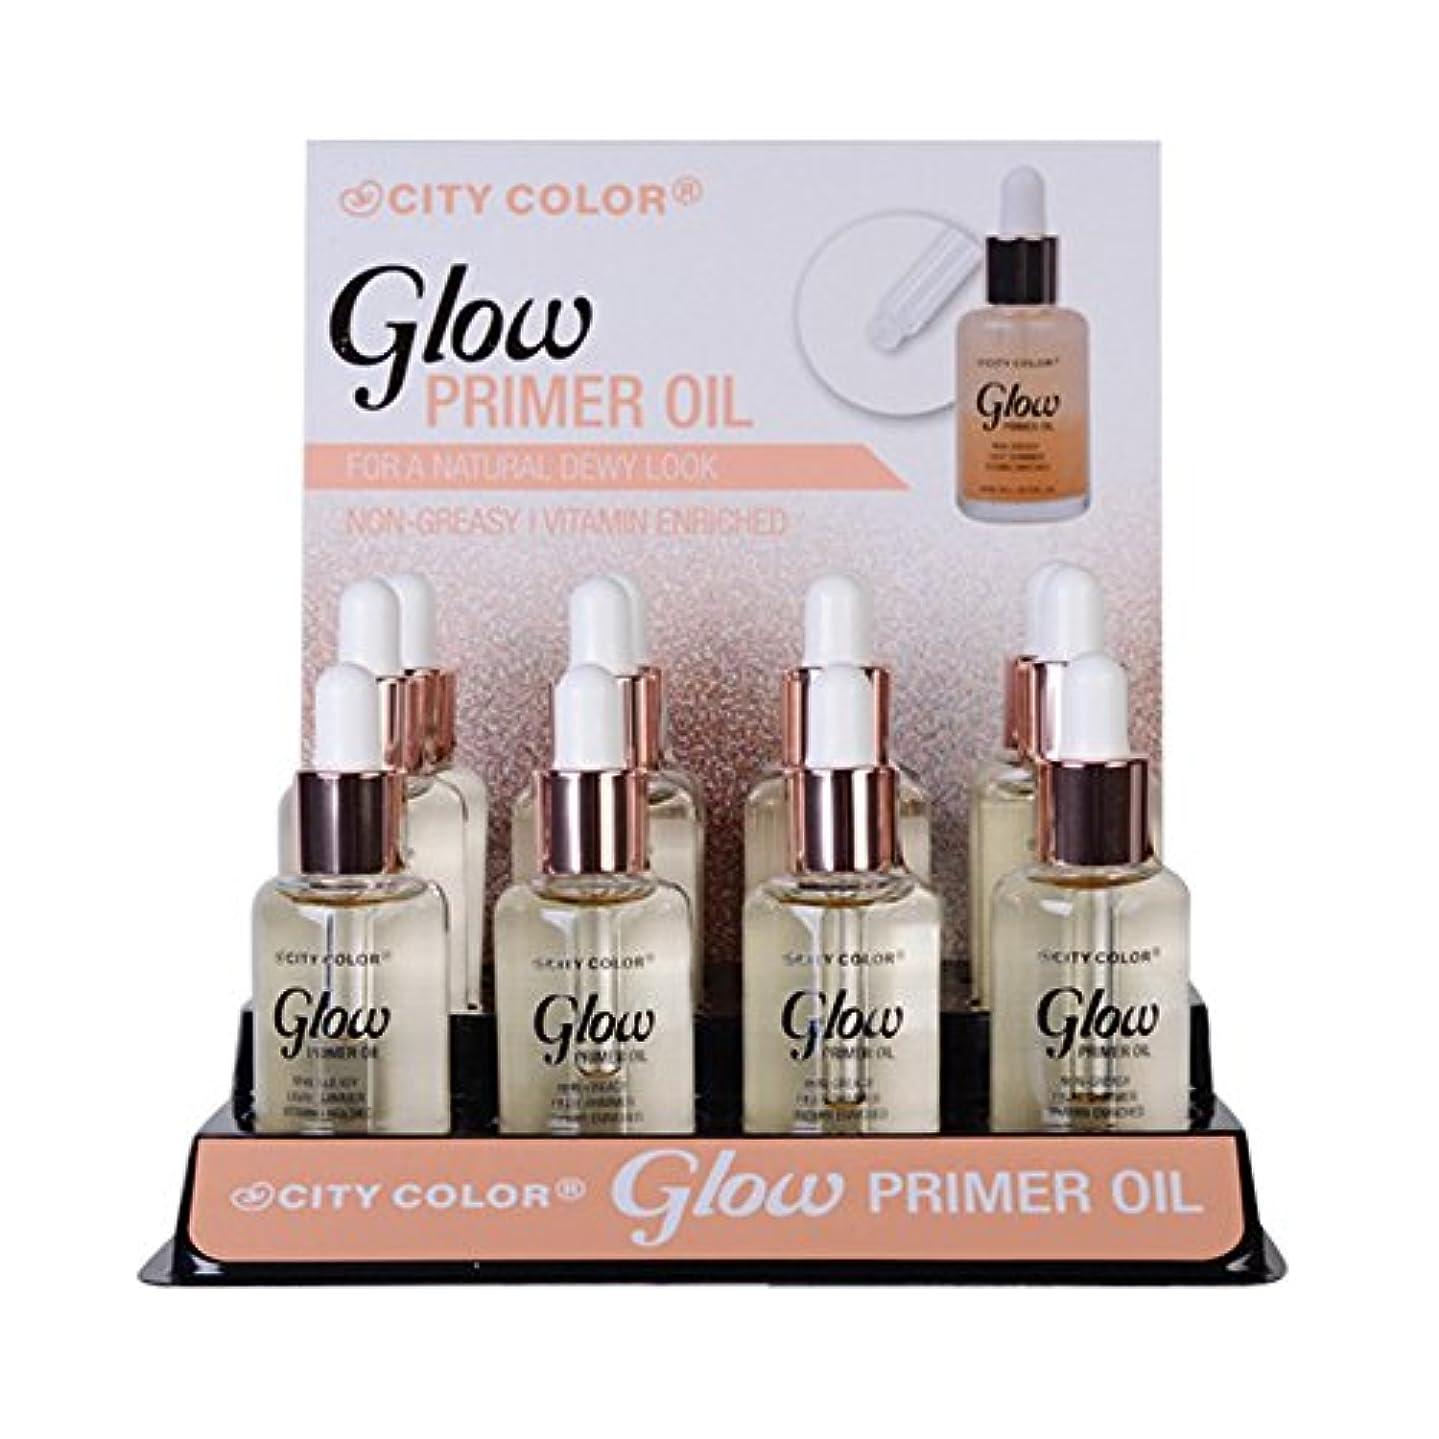 歯科の交換可能請負業者CITY COLOR Glow Primer Oil Display Set, 12 Pieces (並行輸入品)